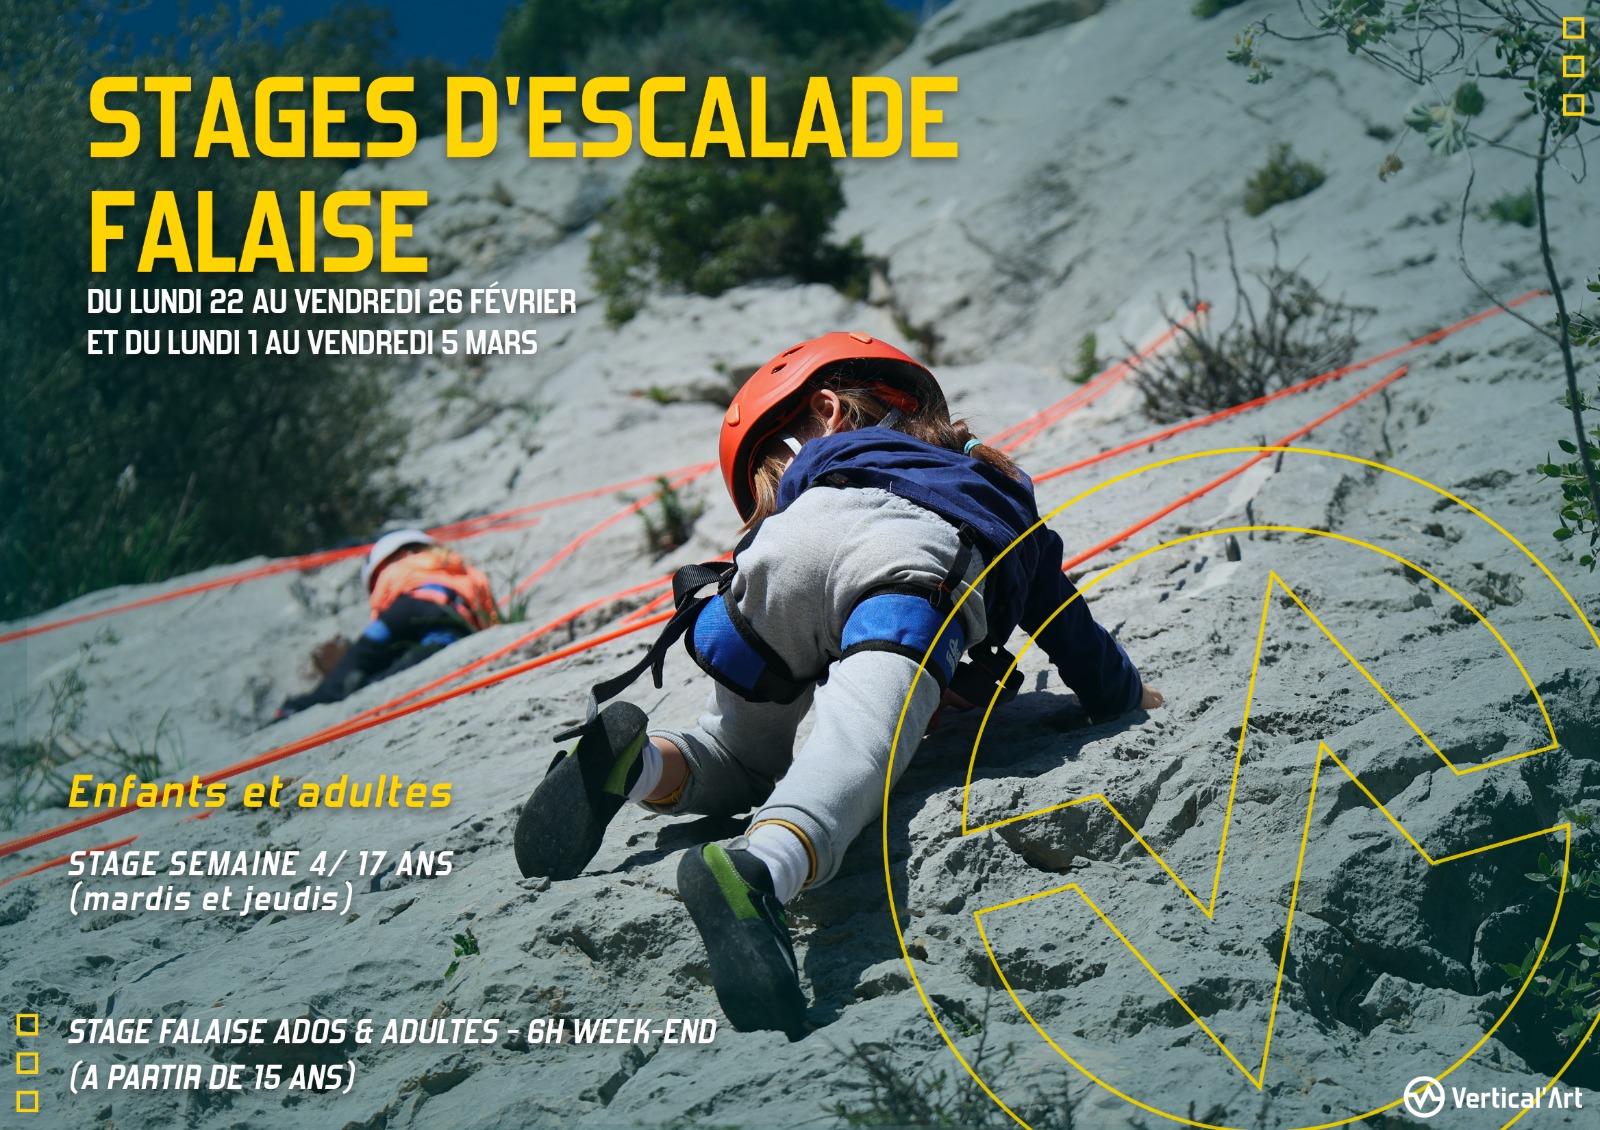 Stages d'escalade falaise pendant les vacances d'hiver à Vertical'Art Toulon. Réservez vite, les places sont limitées !